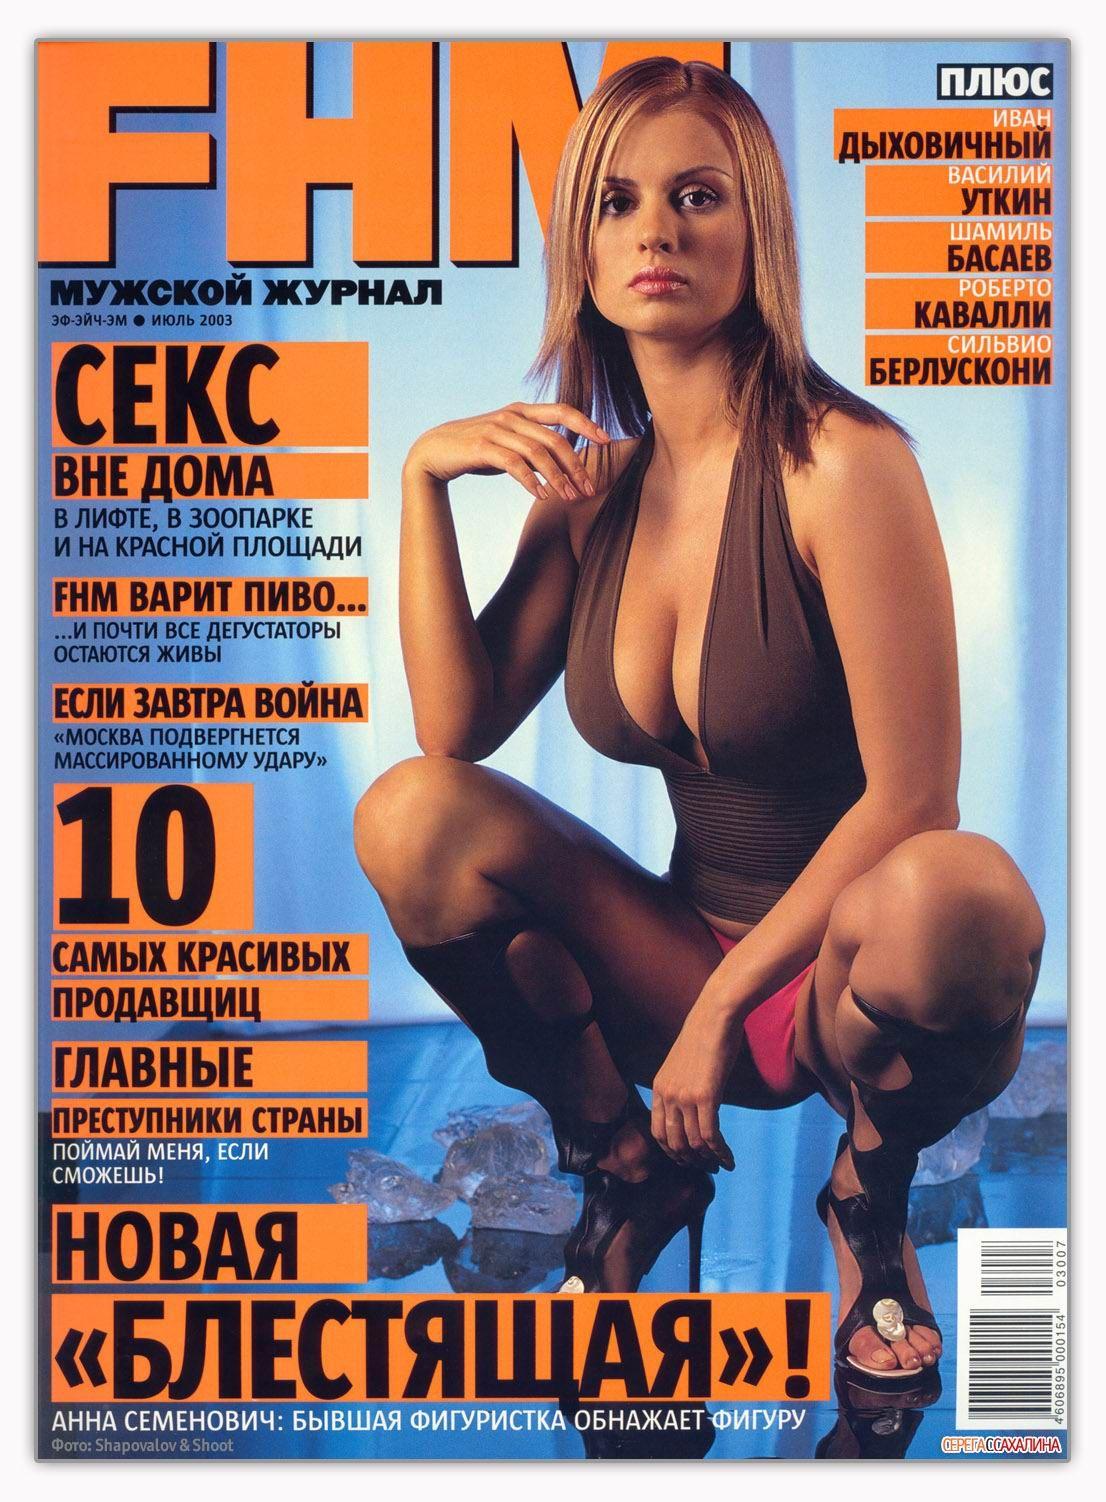 Русский cekc massage 5 фотография